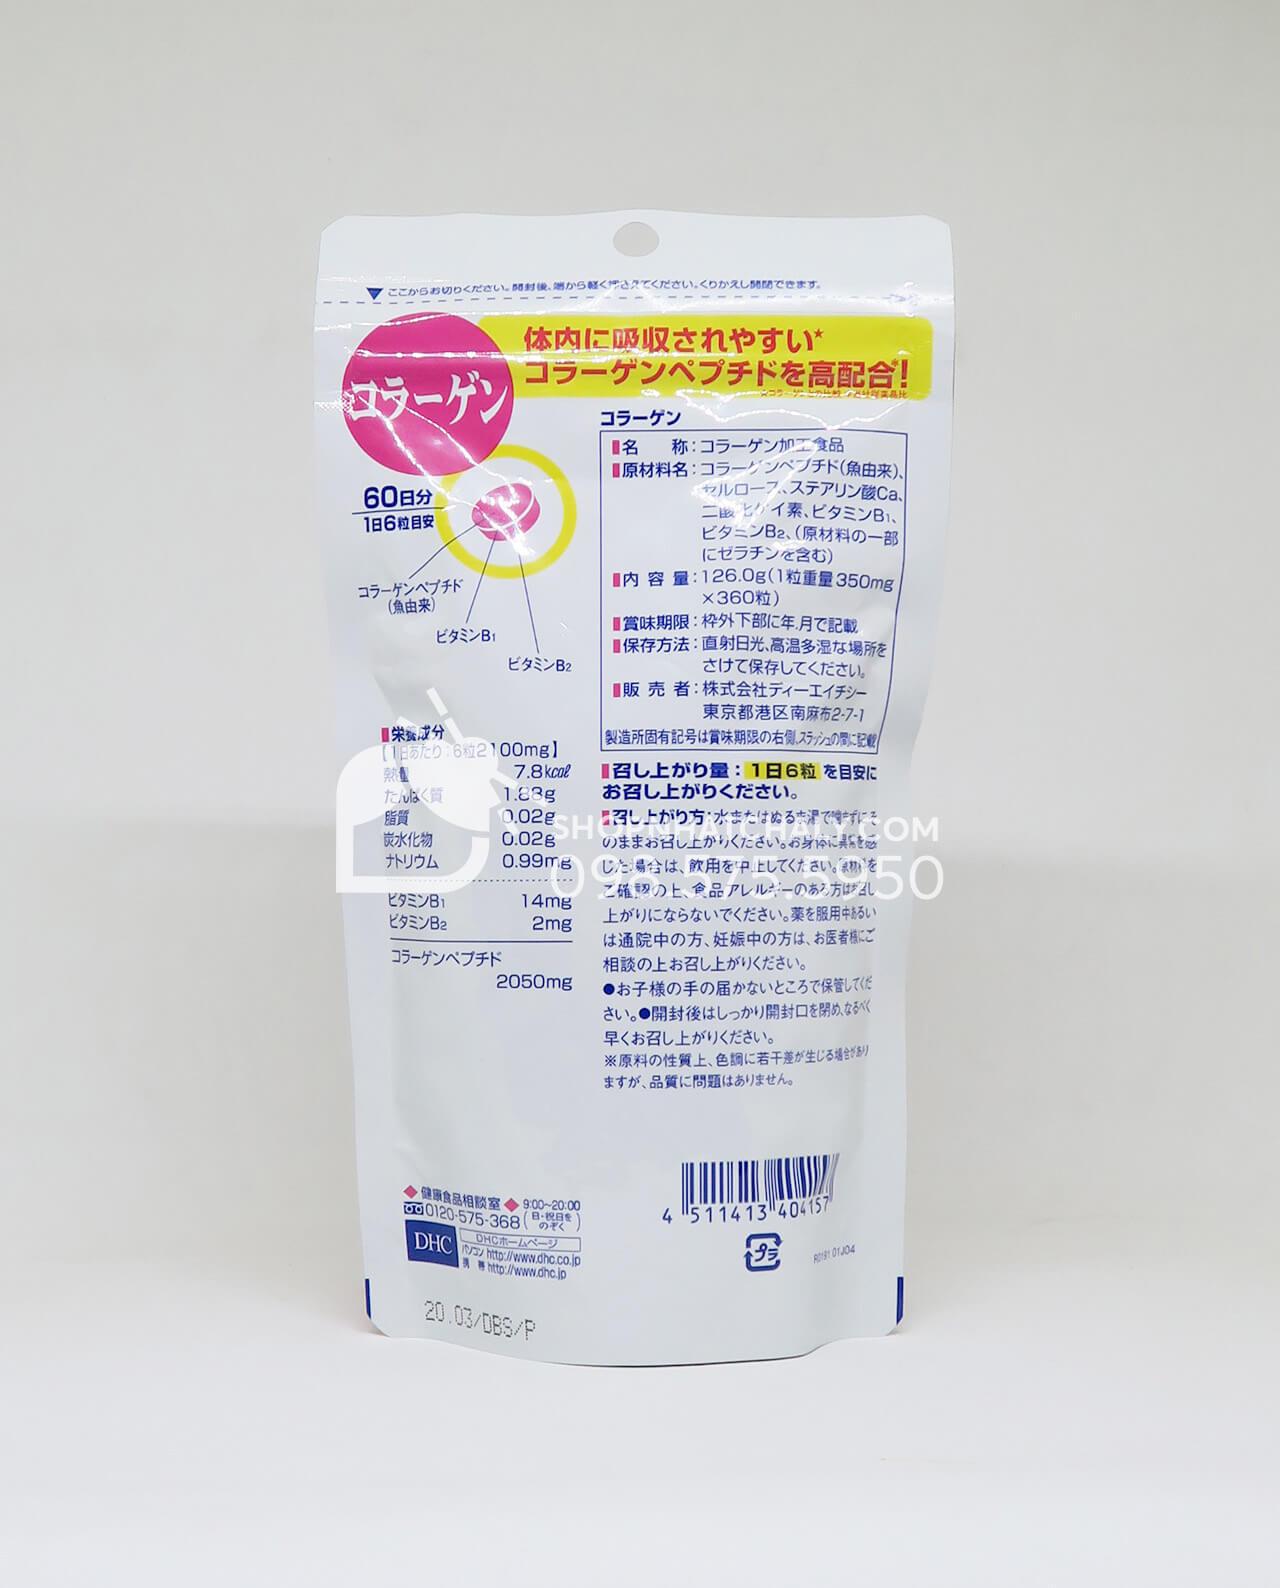 Viên uống Collagen DHC Nhật Bản túi 360 viên date mới nhất đến tháng 3/2020